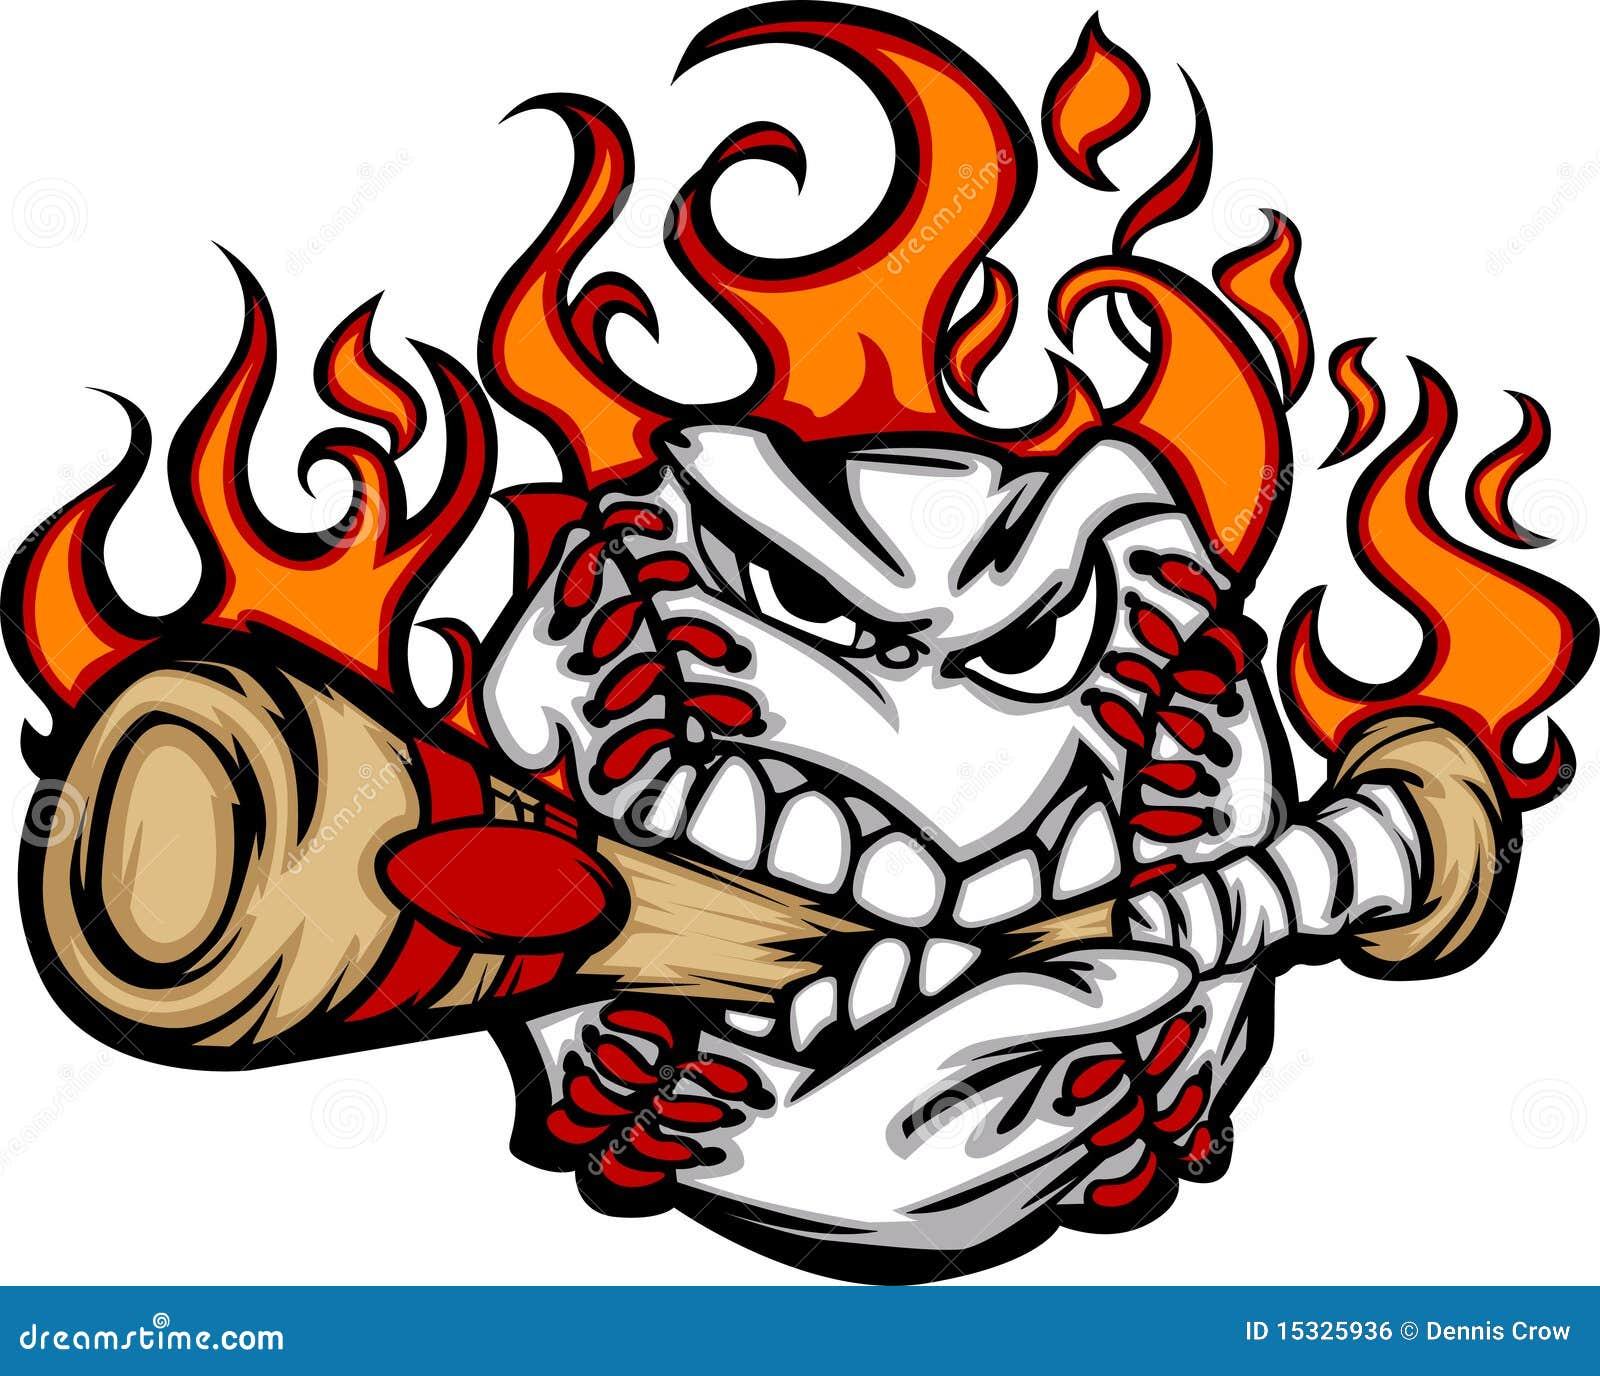 Baseball Flaming Face Biting Bat Vector Image